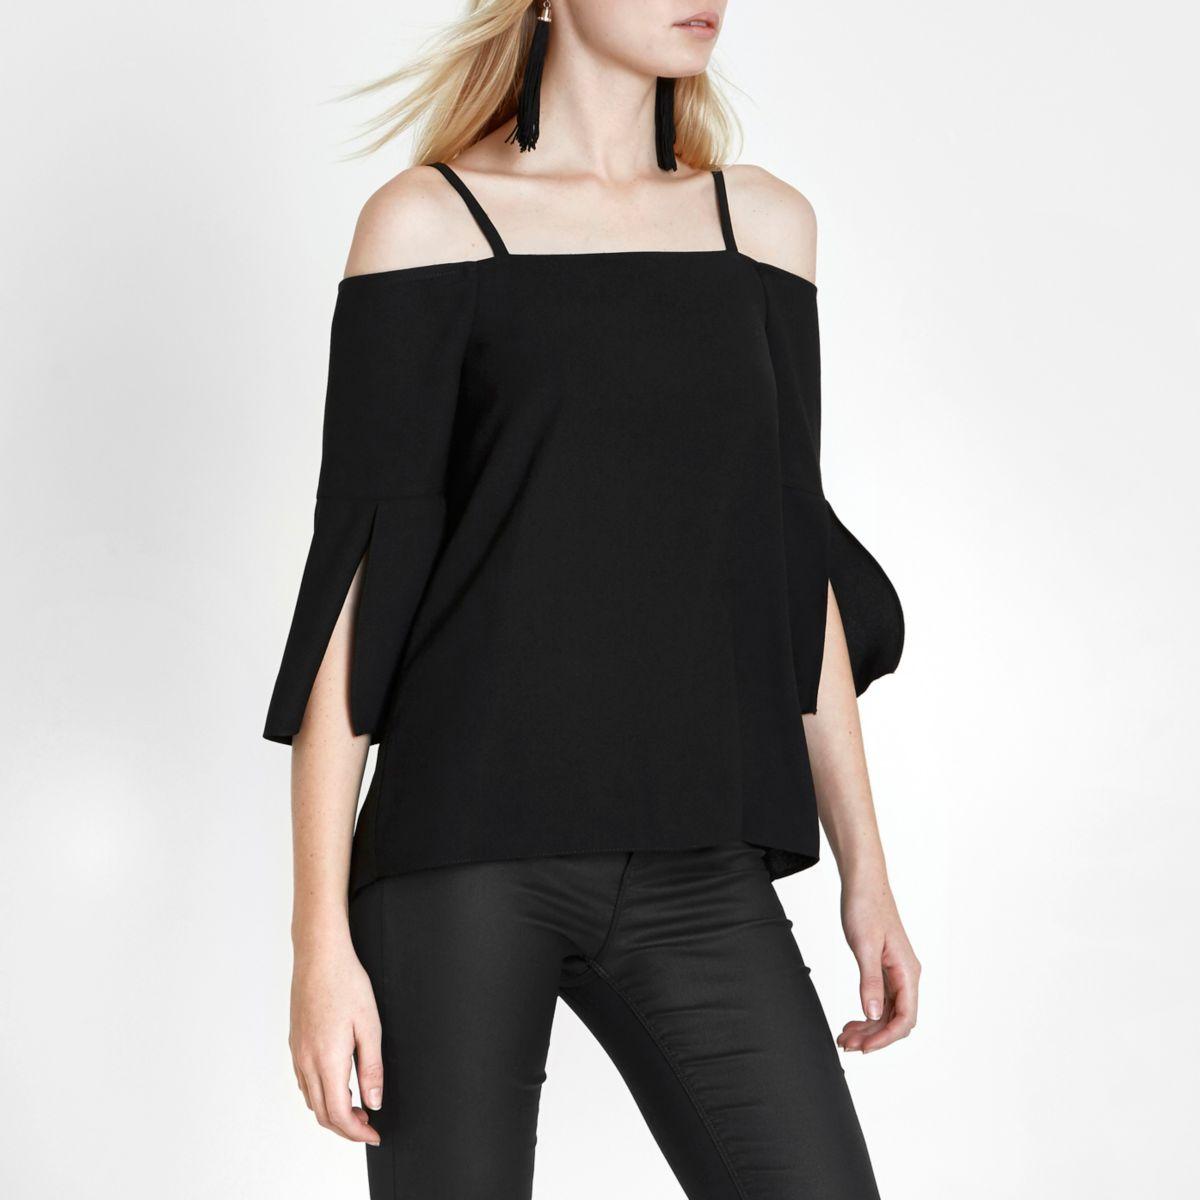 Black cold shoulder split sleeve top